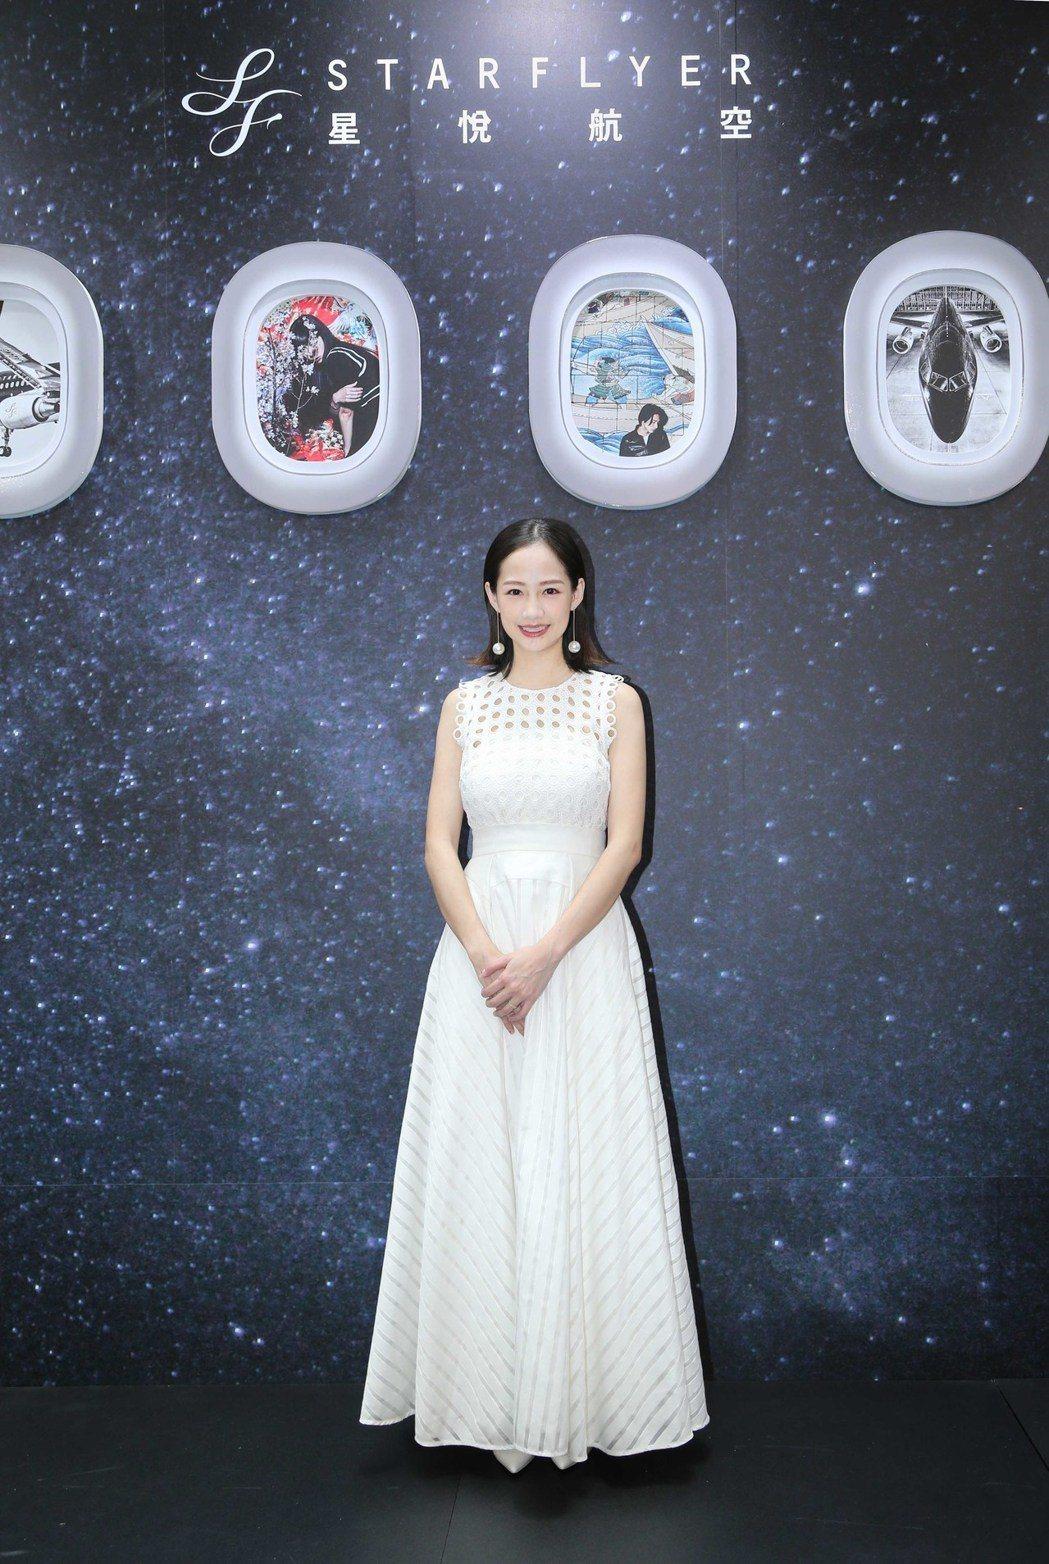 星悅航空日前舉辦記者會,邀請剛剛生完小孩的「小清新女神」簡嫚書到場體驗星悅航空的...